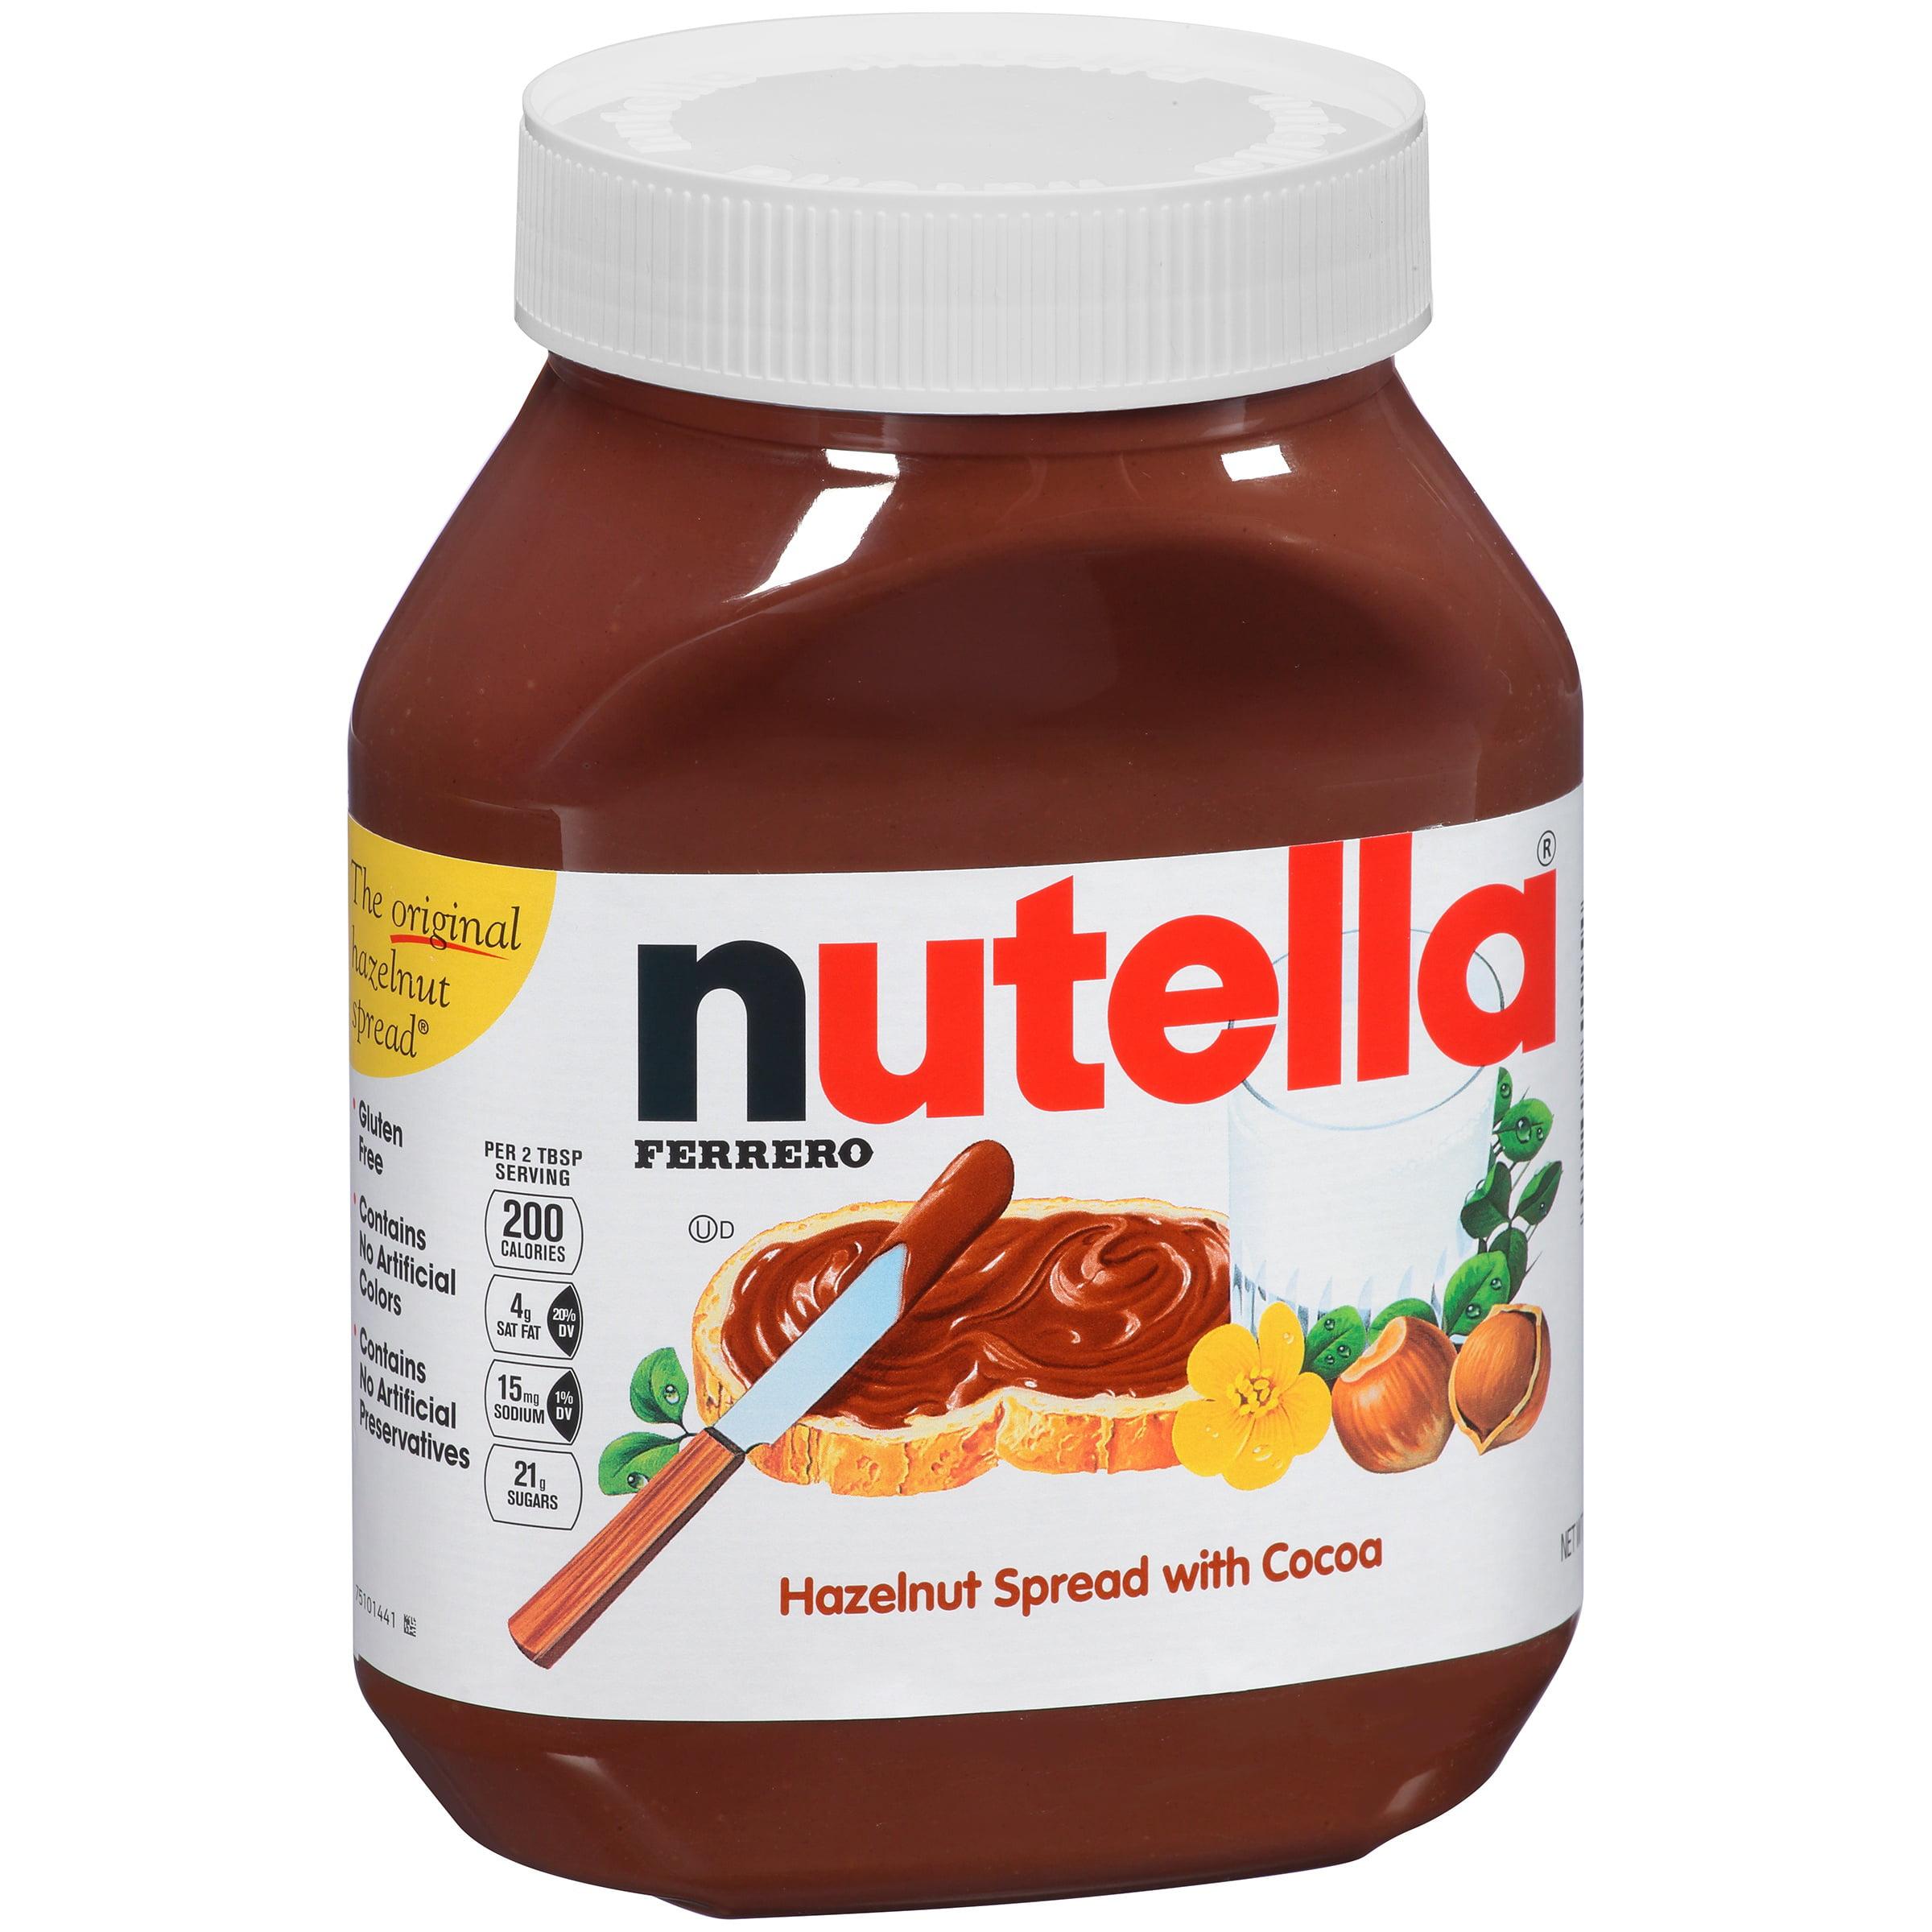 Nutella Hazelnut Spread, 33 5 oz